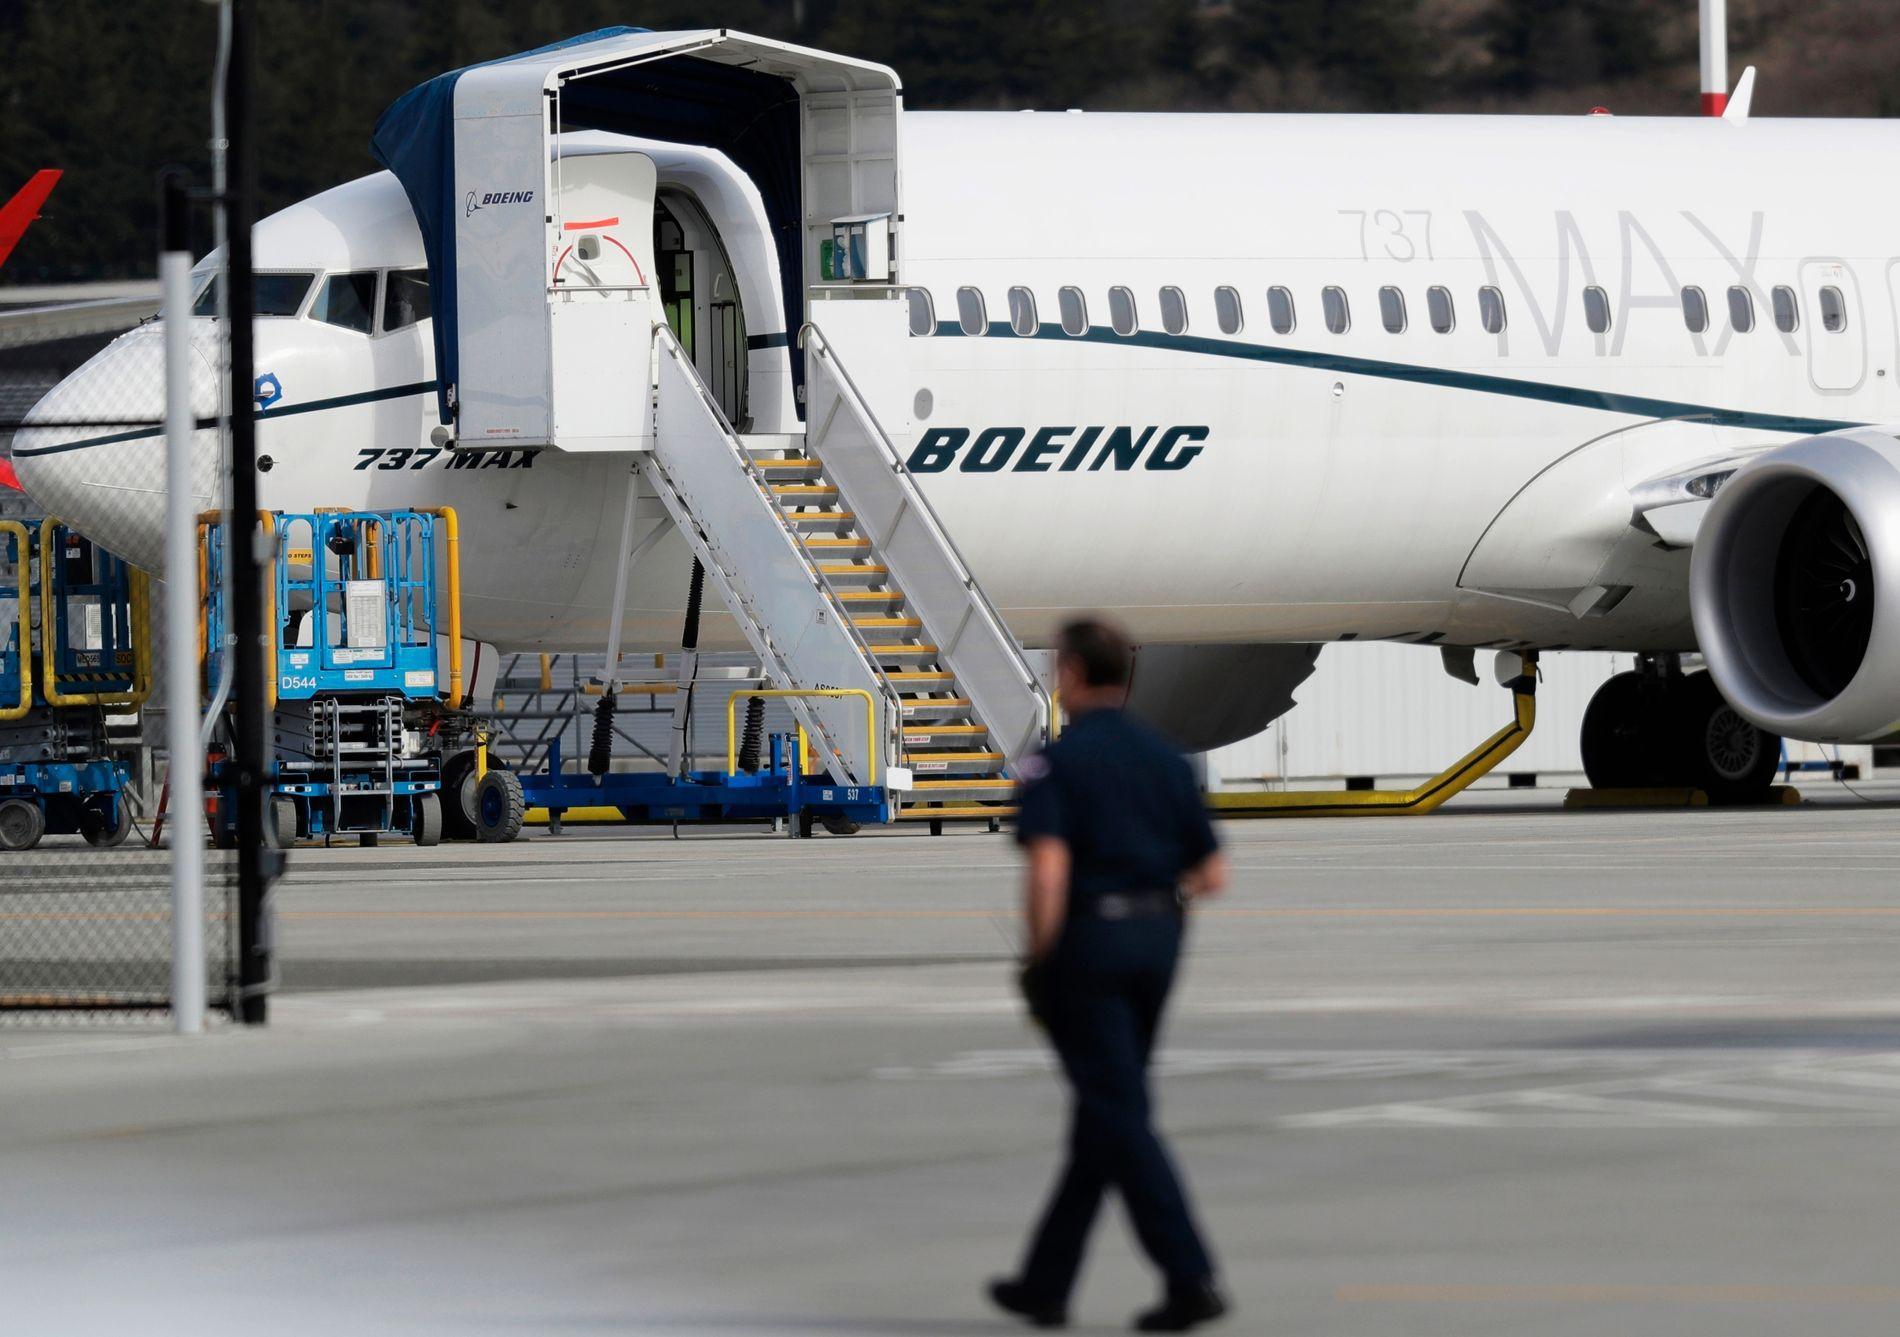 UTE AV DRIFT: Boeing har satt av over 40 milliarder kroner til å dekke kostnader som flyselskapene har blitt påført i forbindelse med at 737 MAX-flyene er tatt ut av drift. Her et 737 MAX 8-fly satt på bakken i Seattle i USA. Foto: